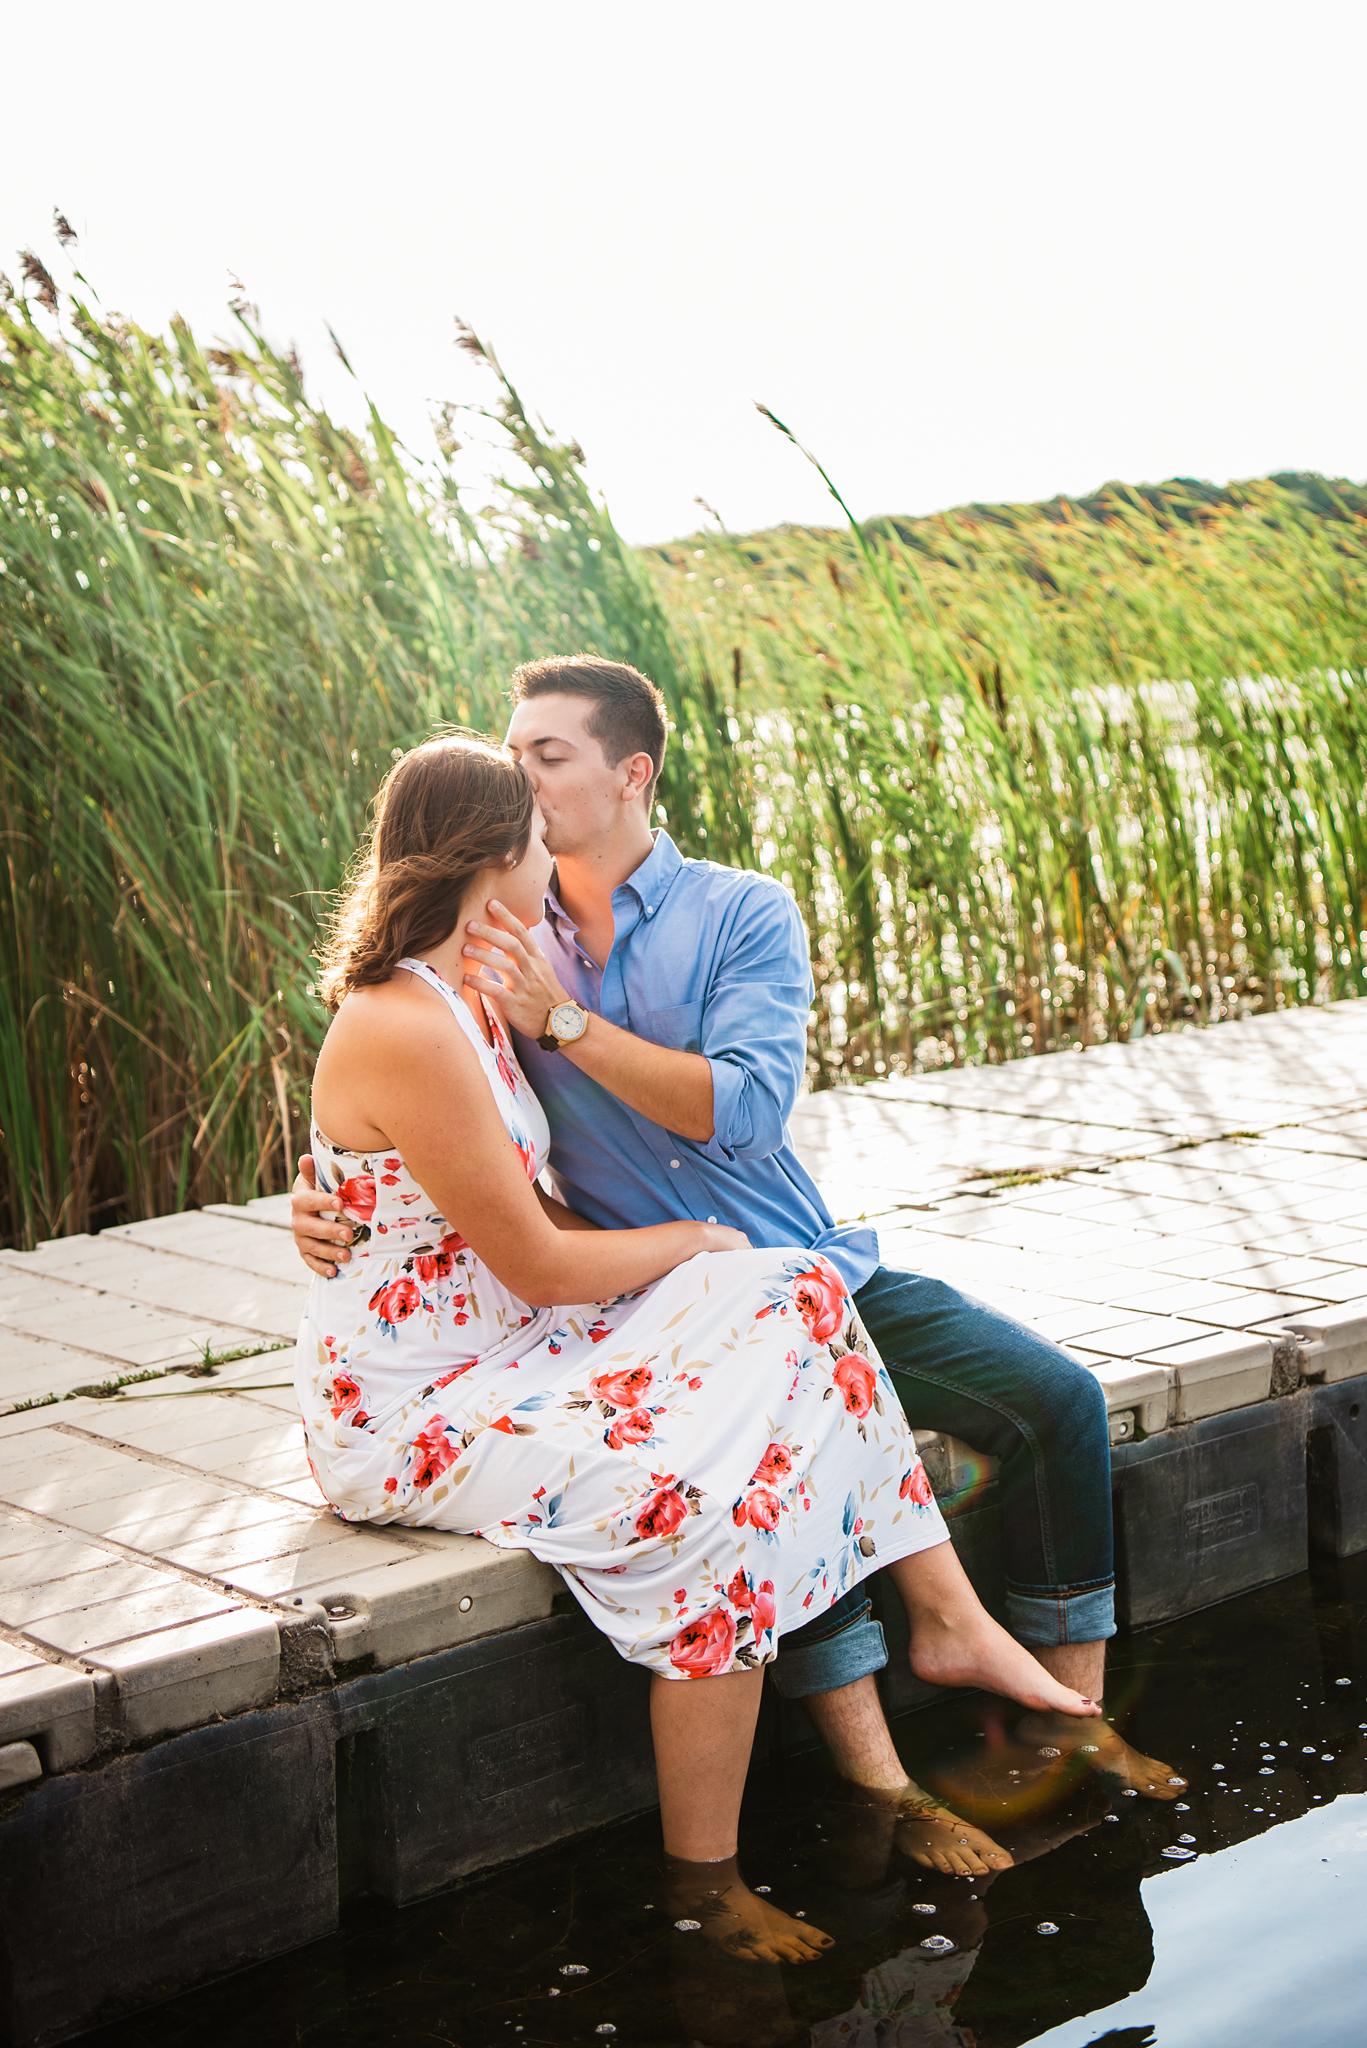 Mendon_Ponds_Park_Sunflower_Farm_Rochester_Engagement_Session_JILL_STUDIO_Rochester_NY_Photographer_DSC_0708.jpg